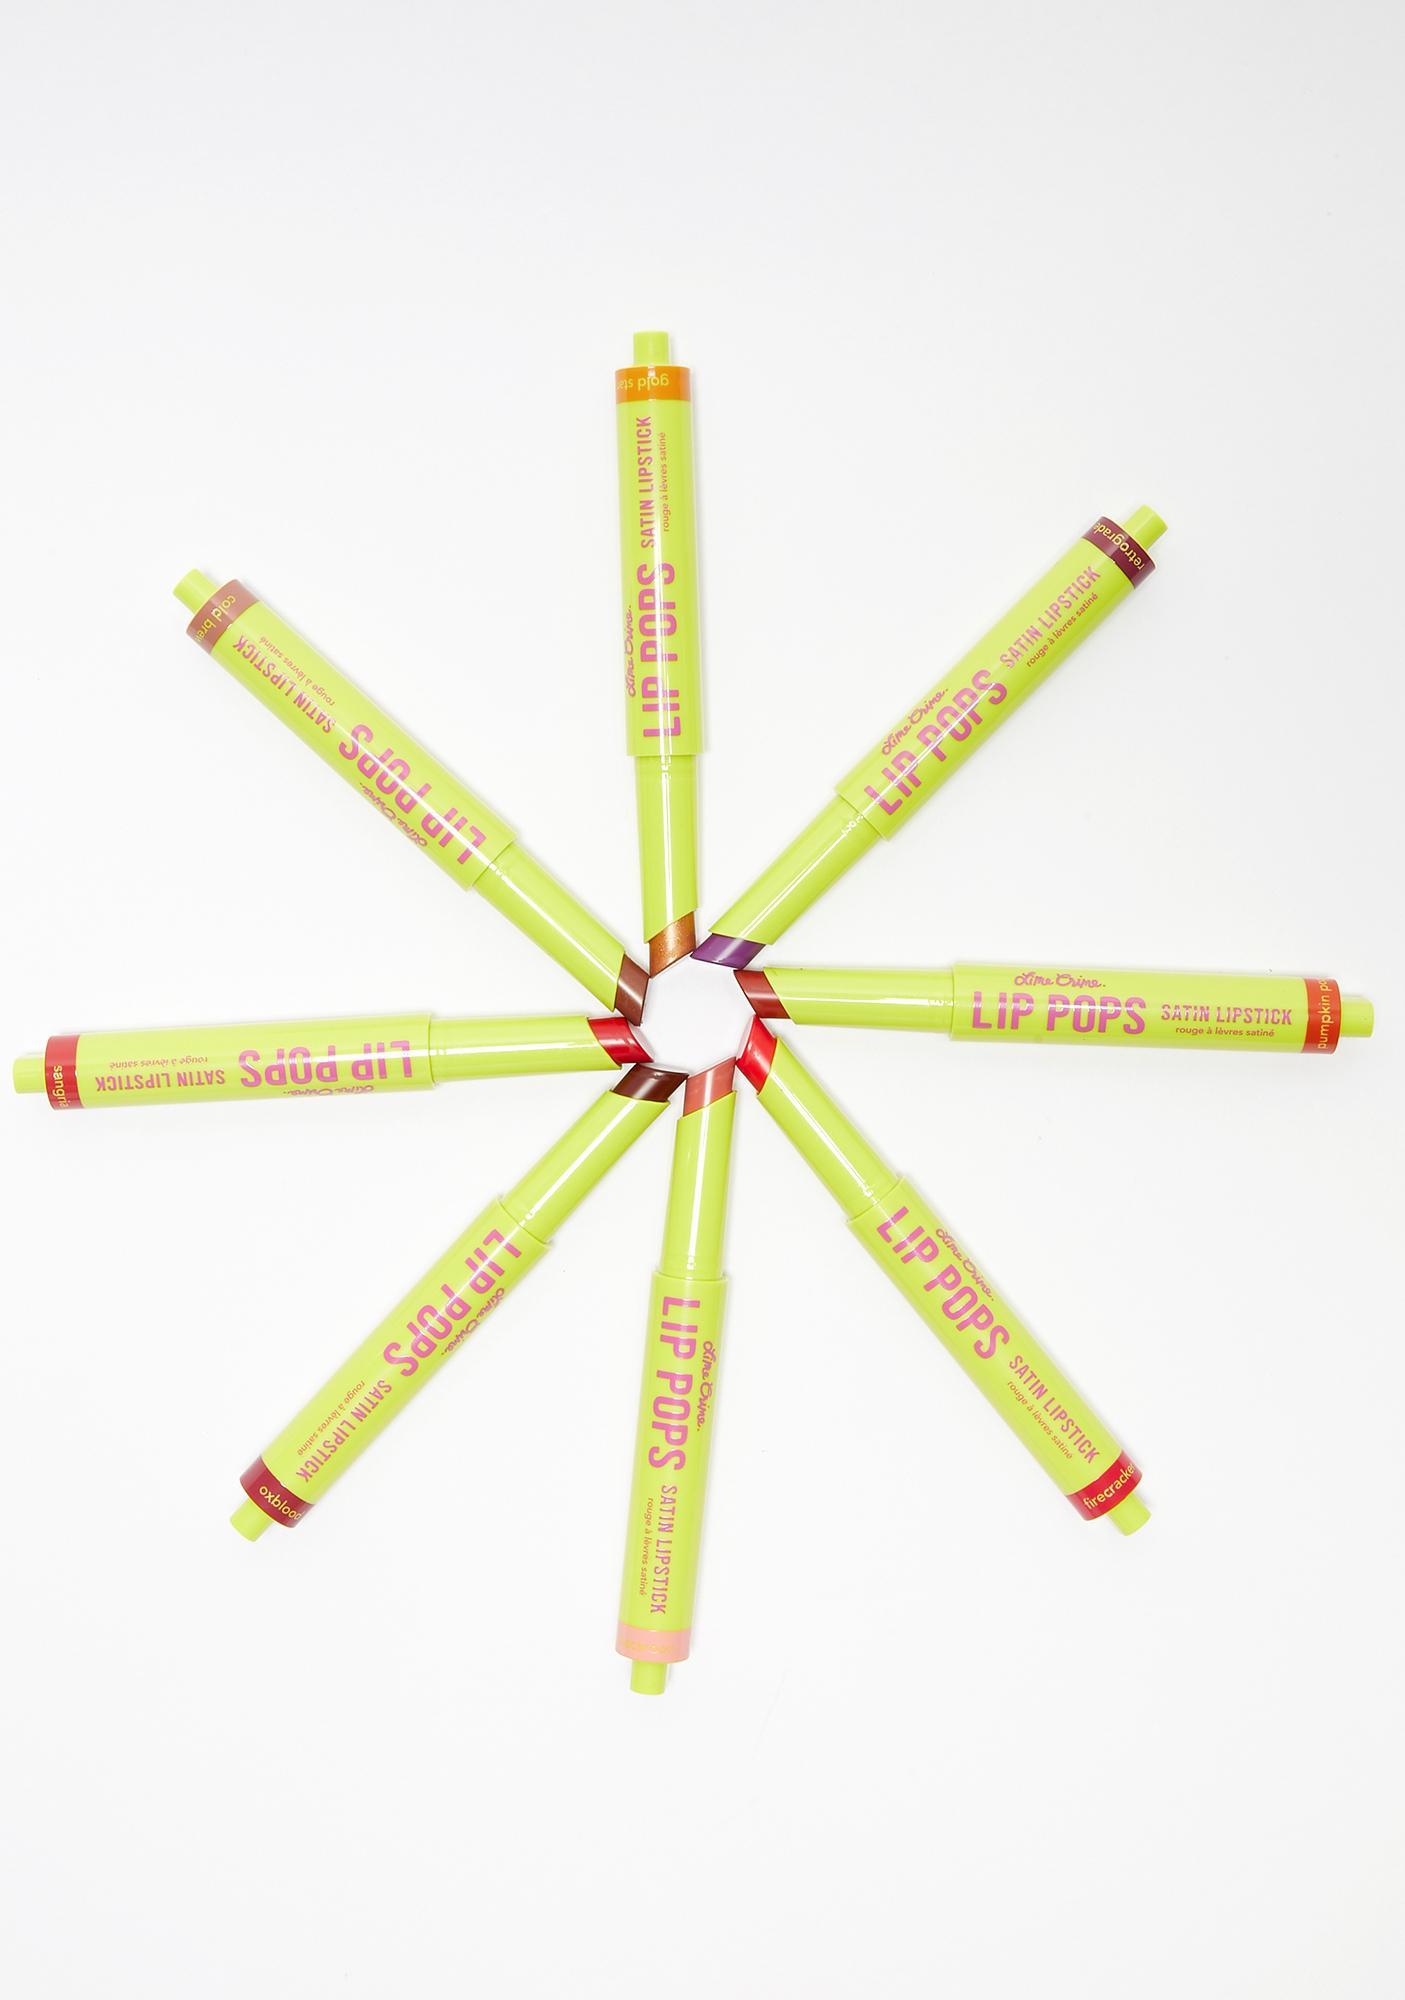 Lime Crime Cold Brew Lip Pops Satin Lipstick